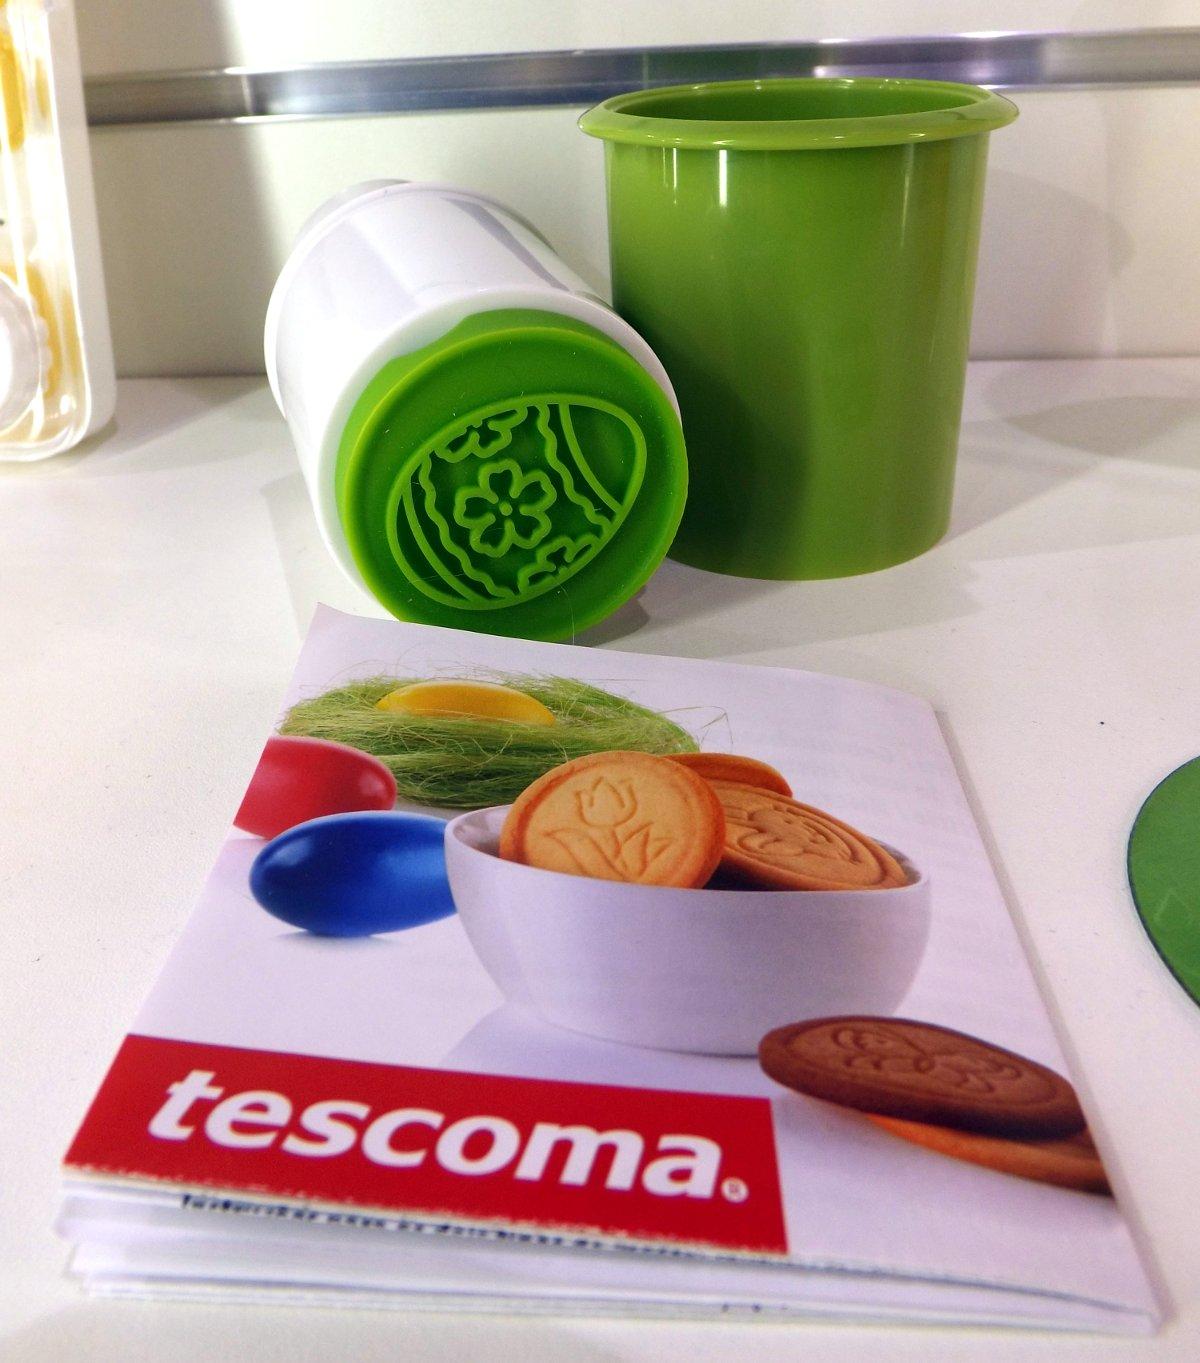 Форма для штамповки печенья с рисунками от Tescoma на весенней выставке HouseHoldExpo 2015